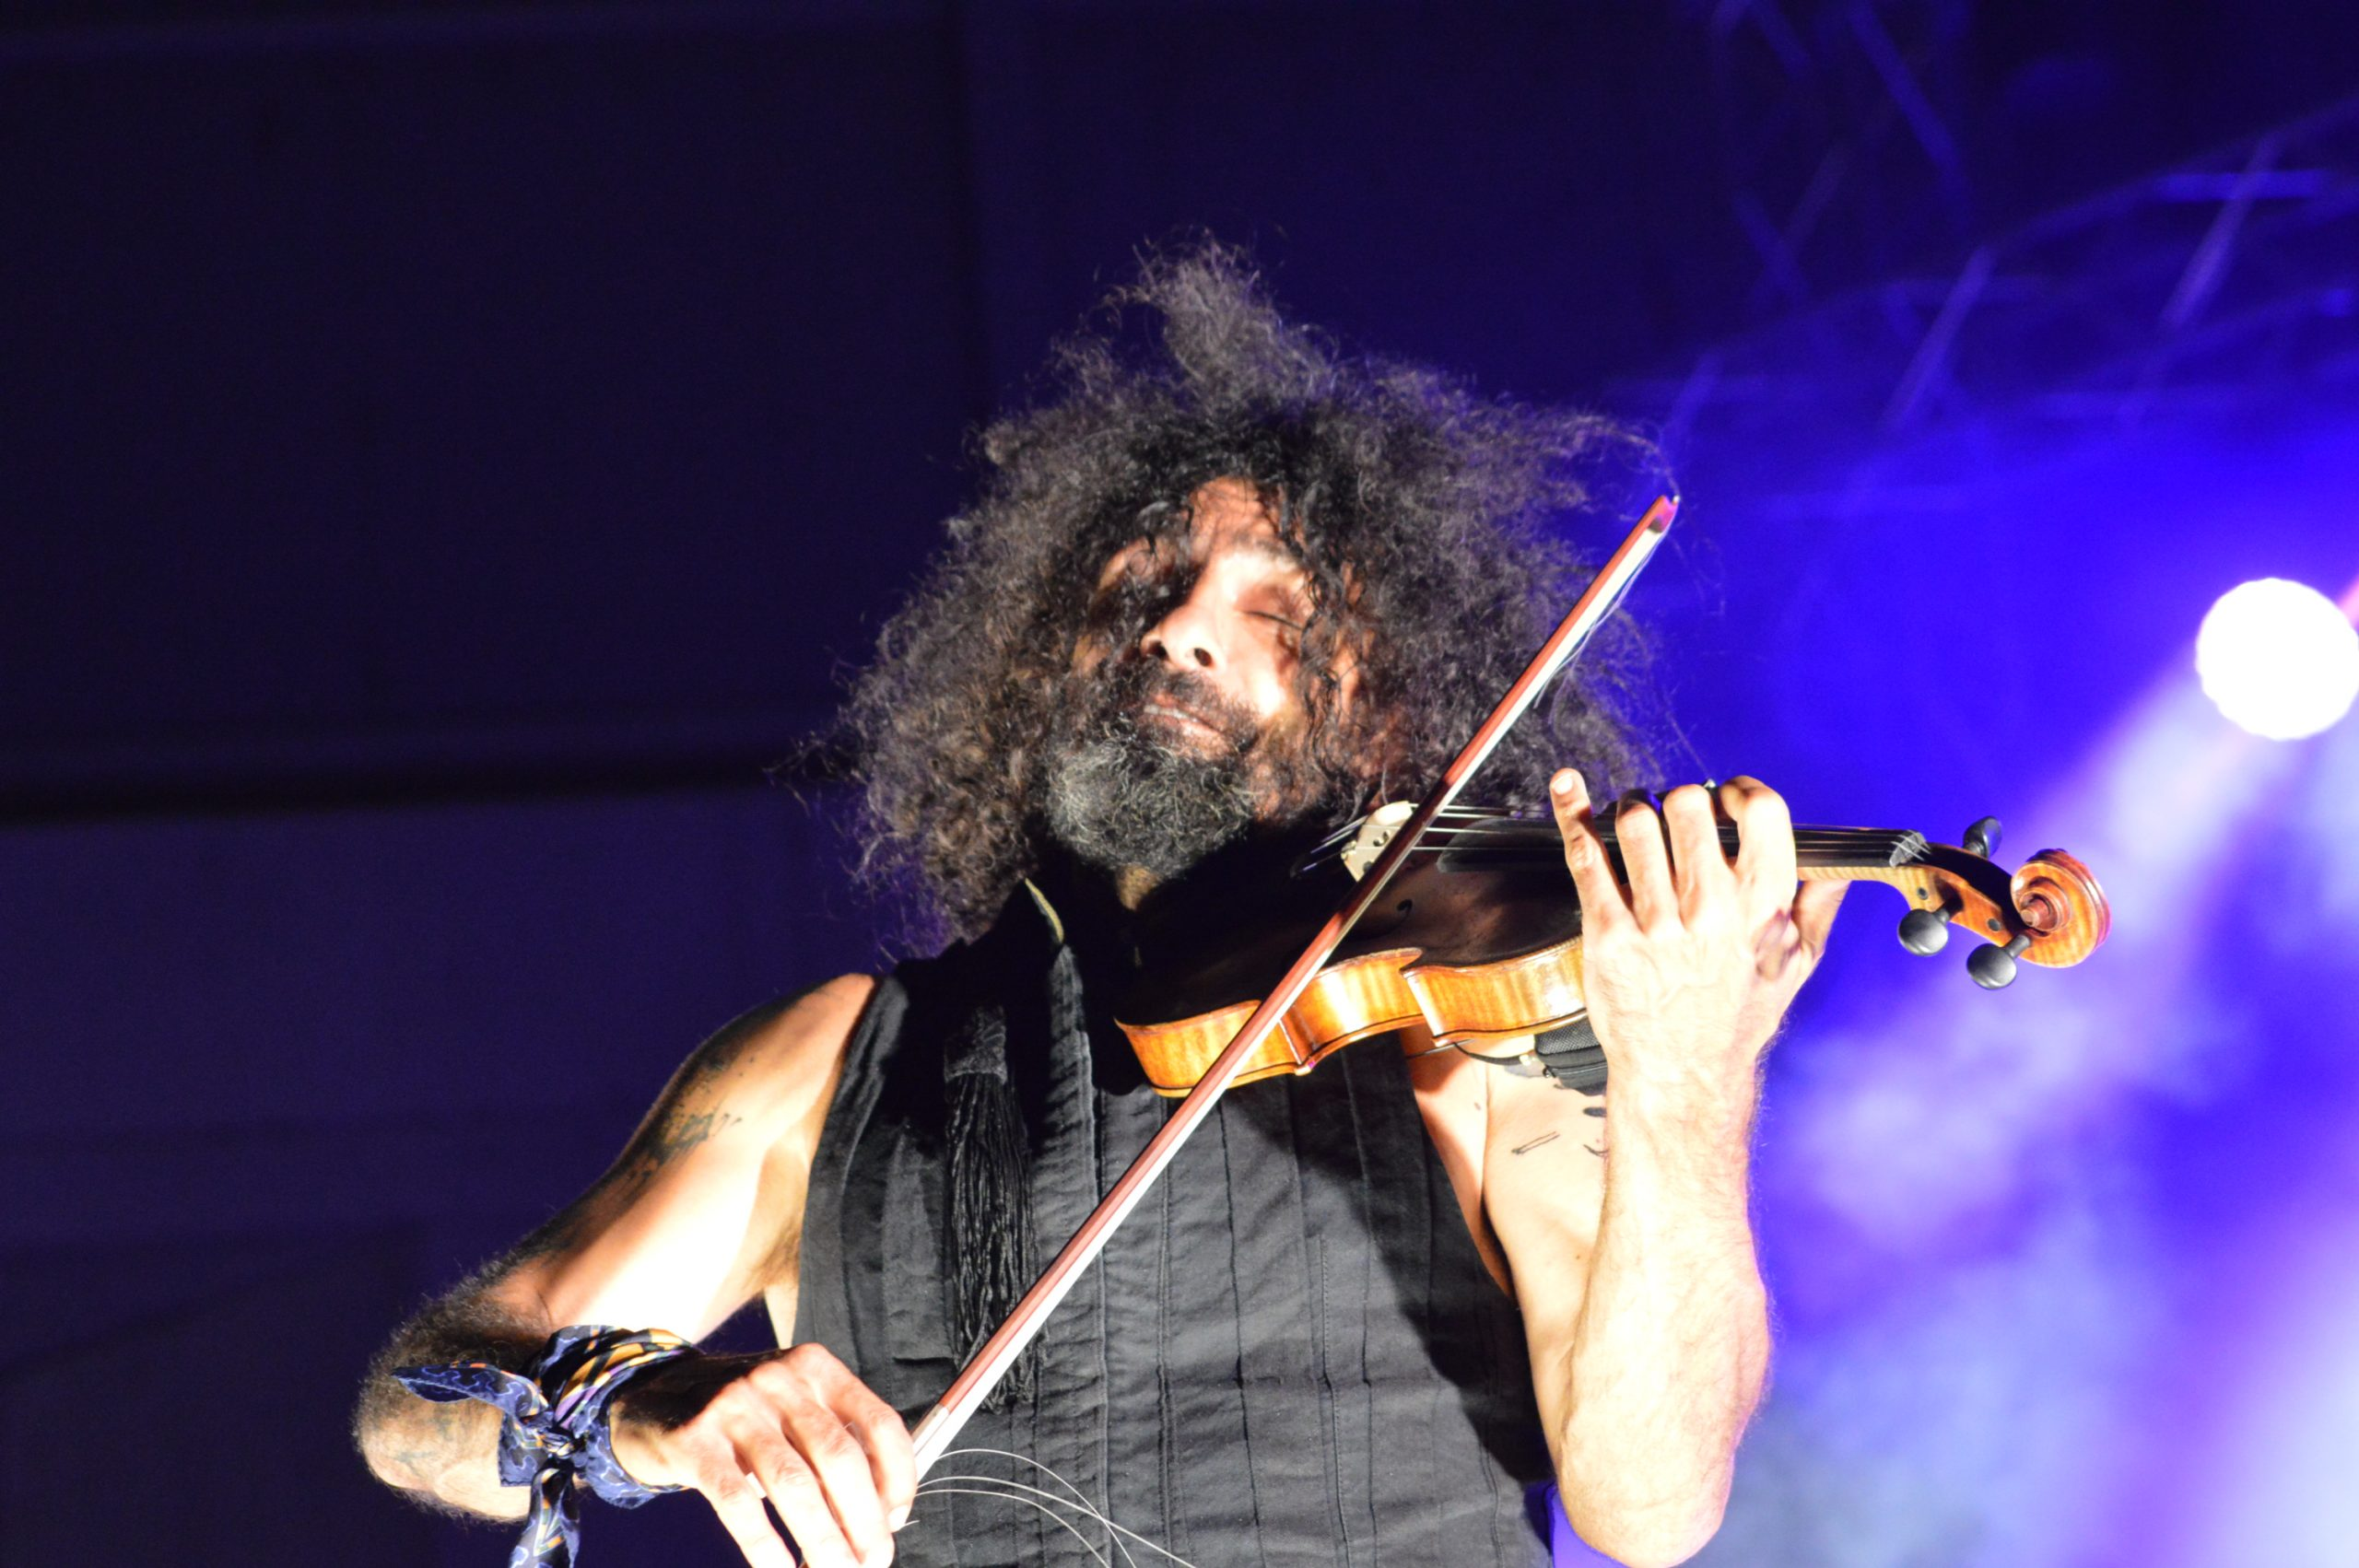 Ara Malikian emociona en su regreso a Ponferrada demostrando una vez más su virtuosismo con el violín 26